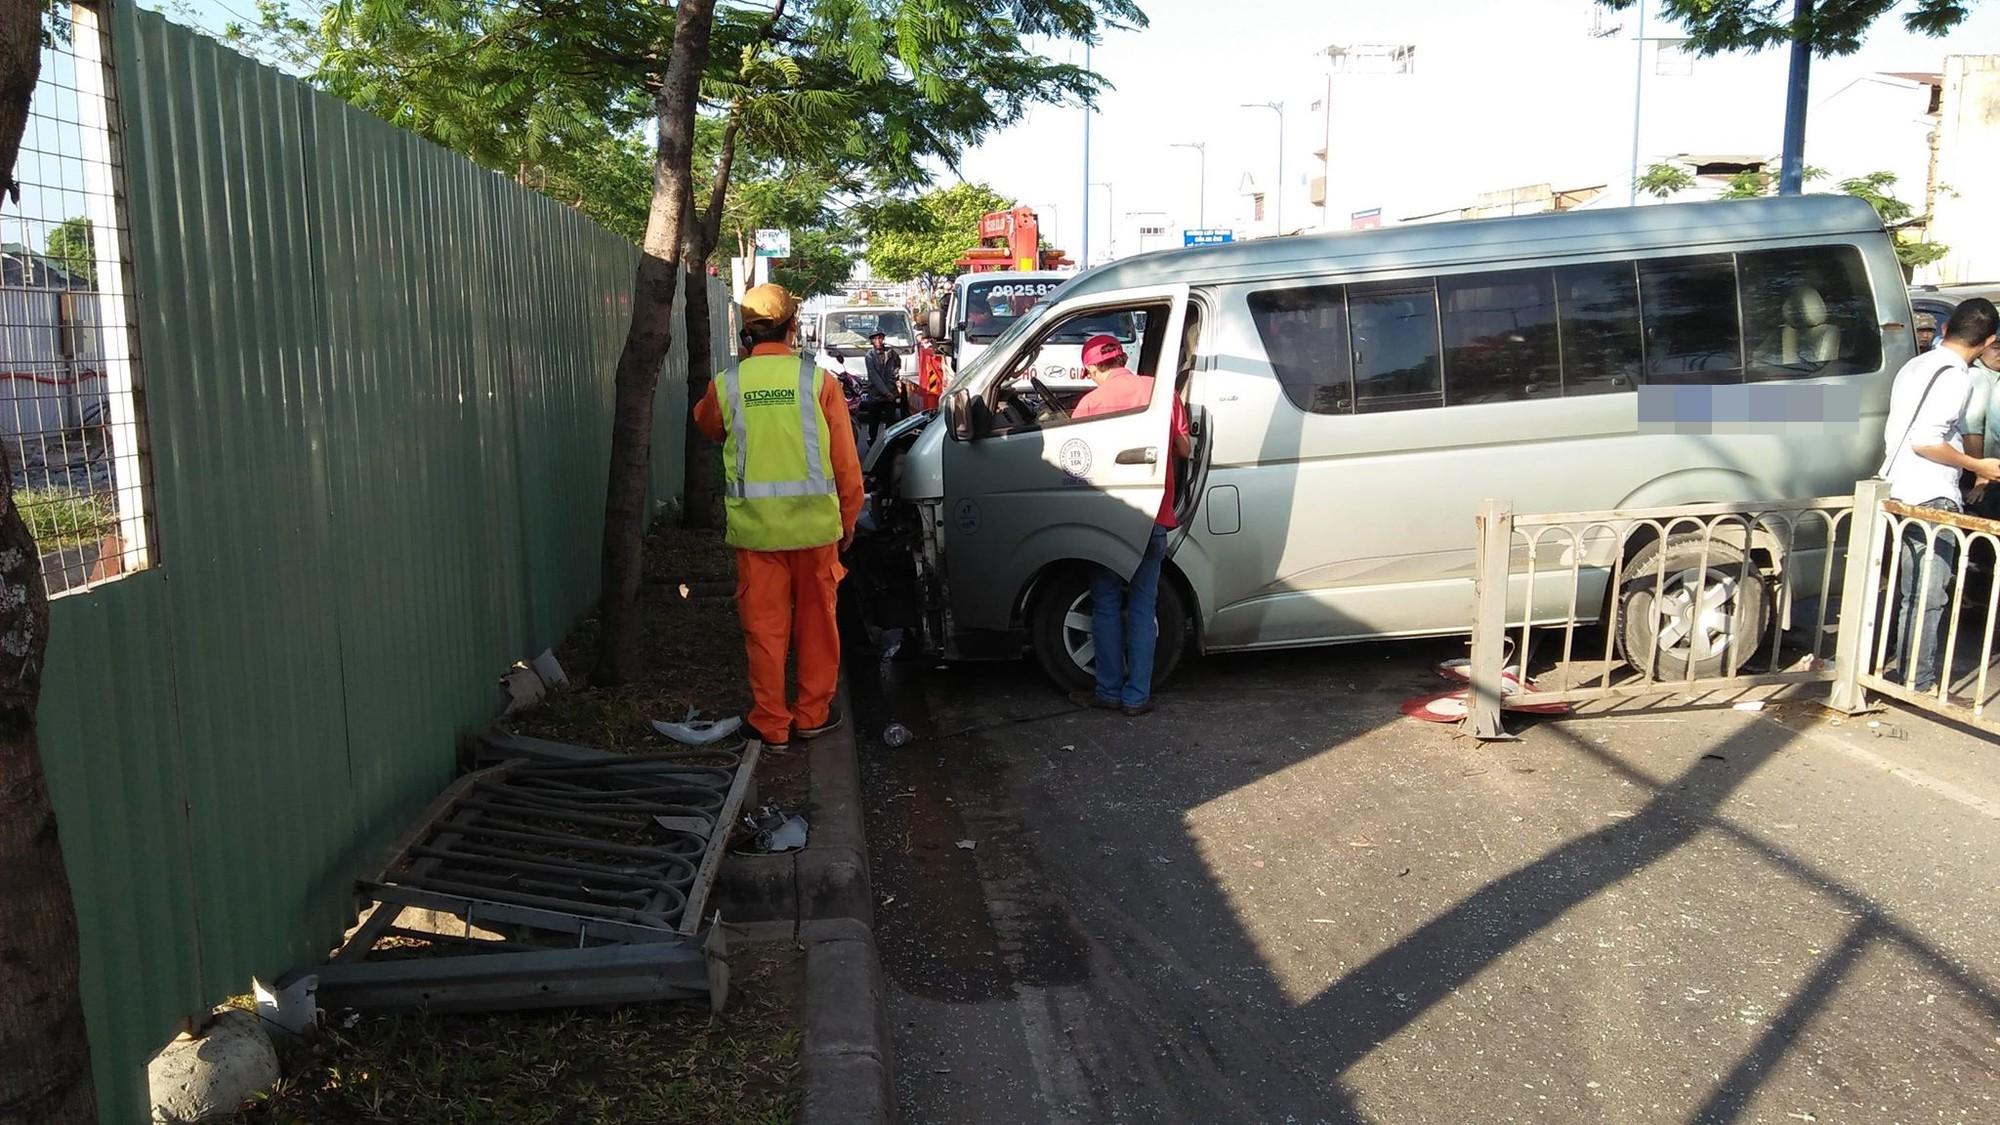 Xe khách nổ lốp trên phố Sài Gòn, nhiều người thoát chết trong gang tấc - Ảnh 1.